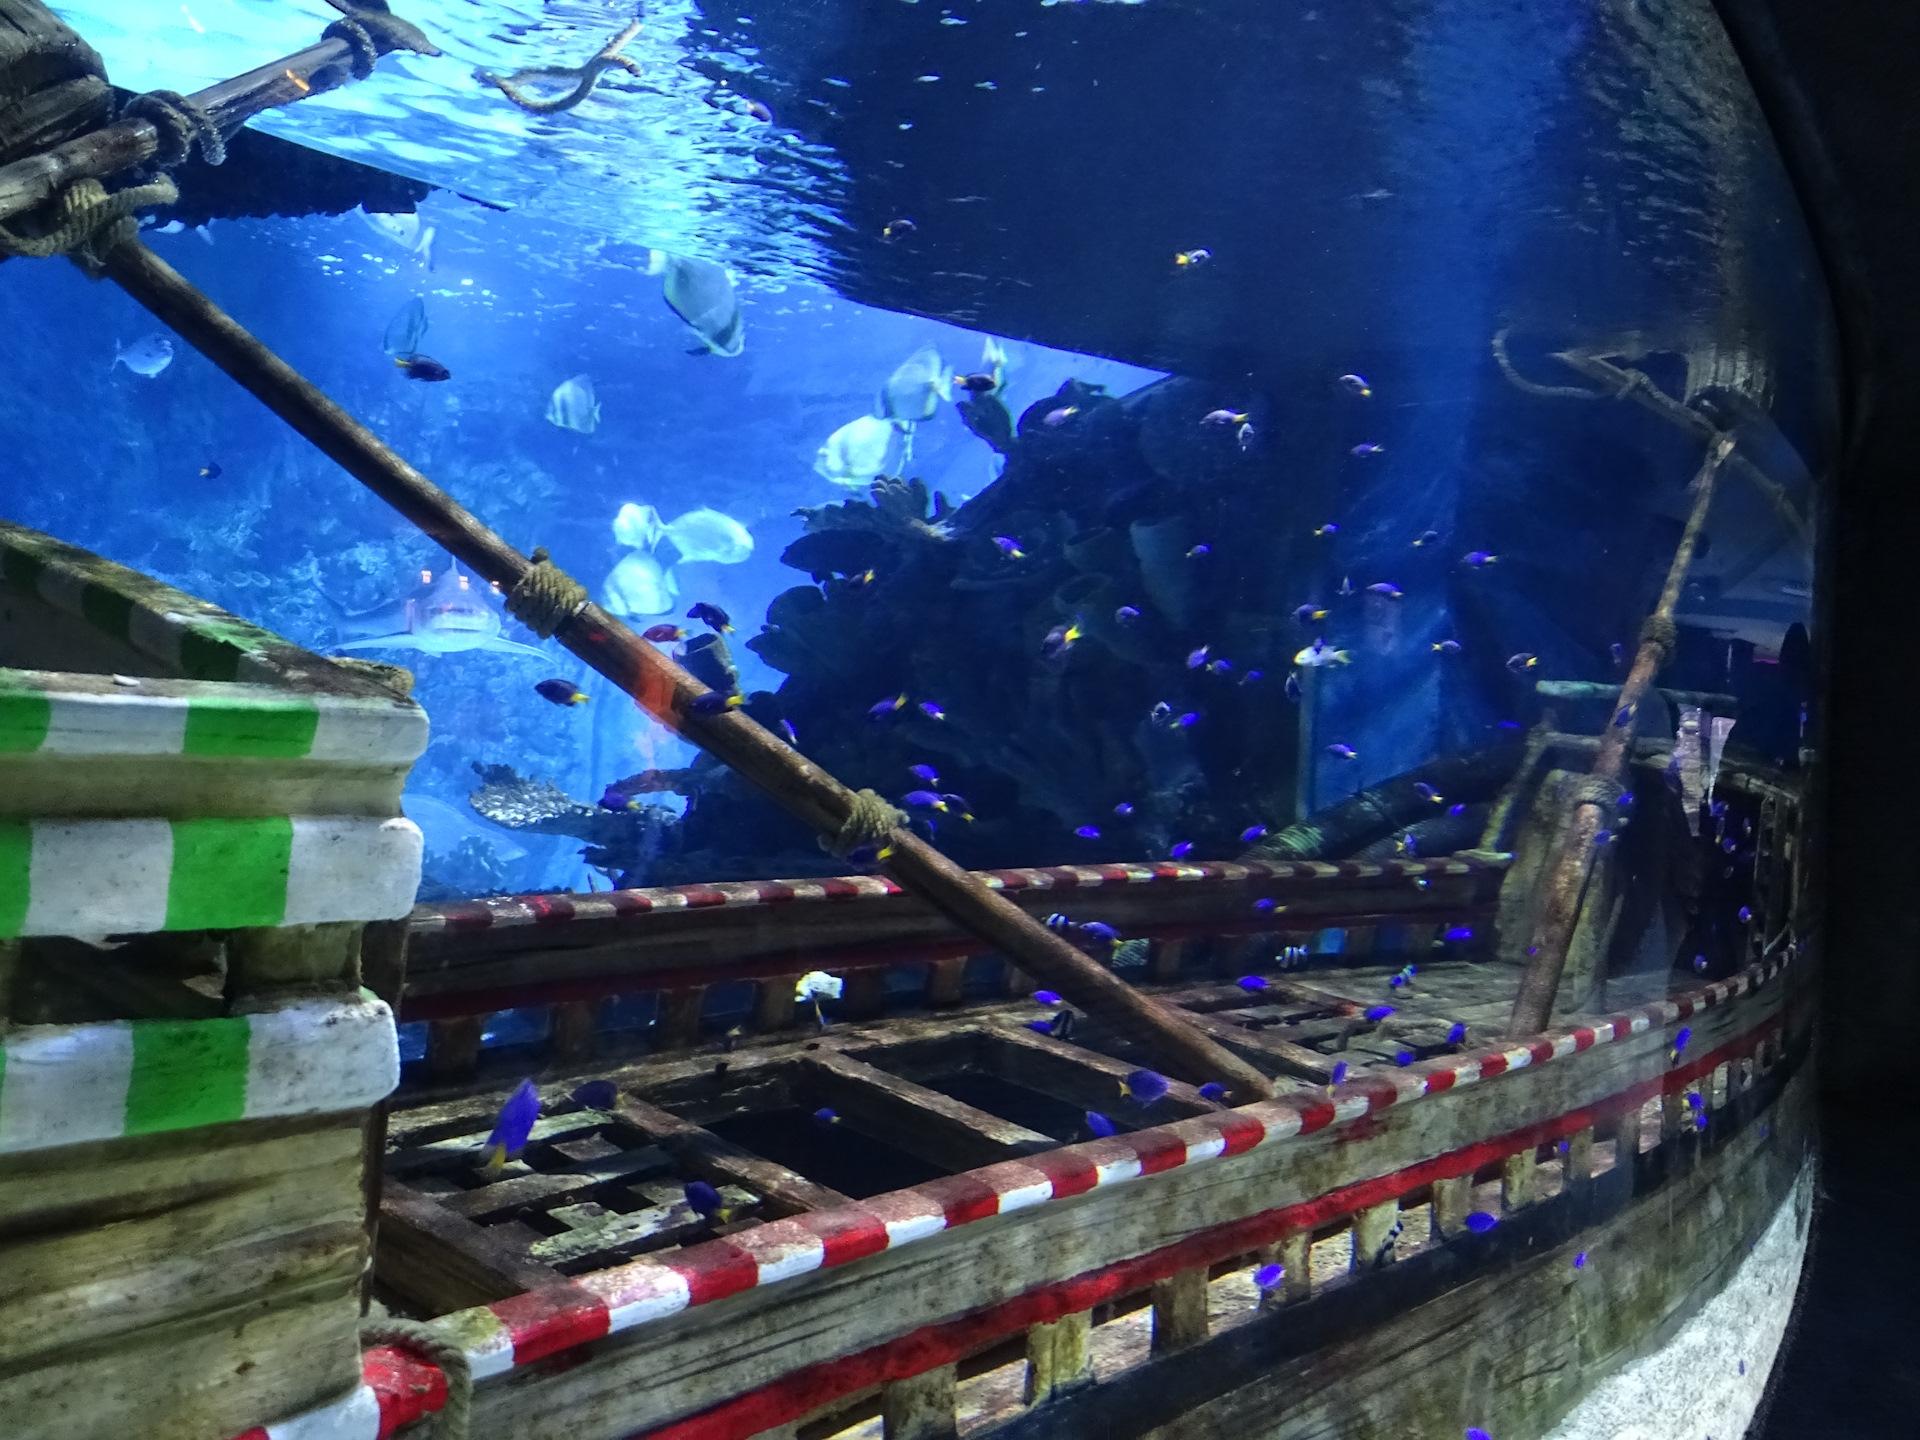 картинки затонувших кораблей для аквариума соблазнила садовника секс